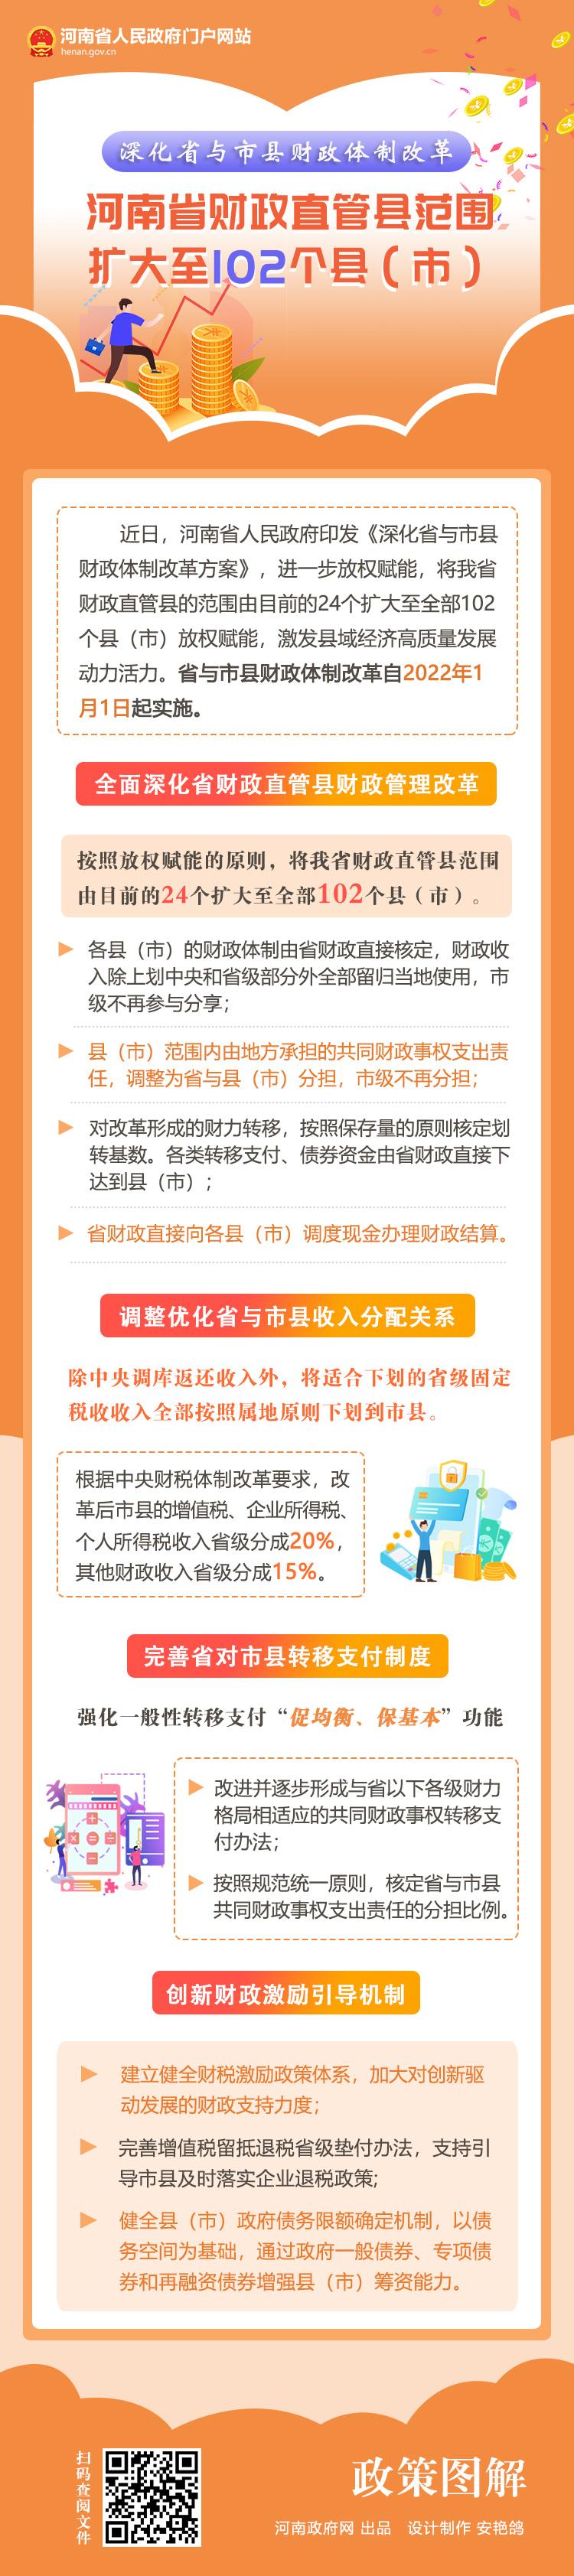 放权赋能!河南省财政直管县范围扩大至102个县(市)